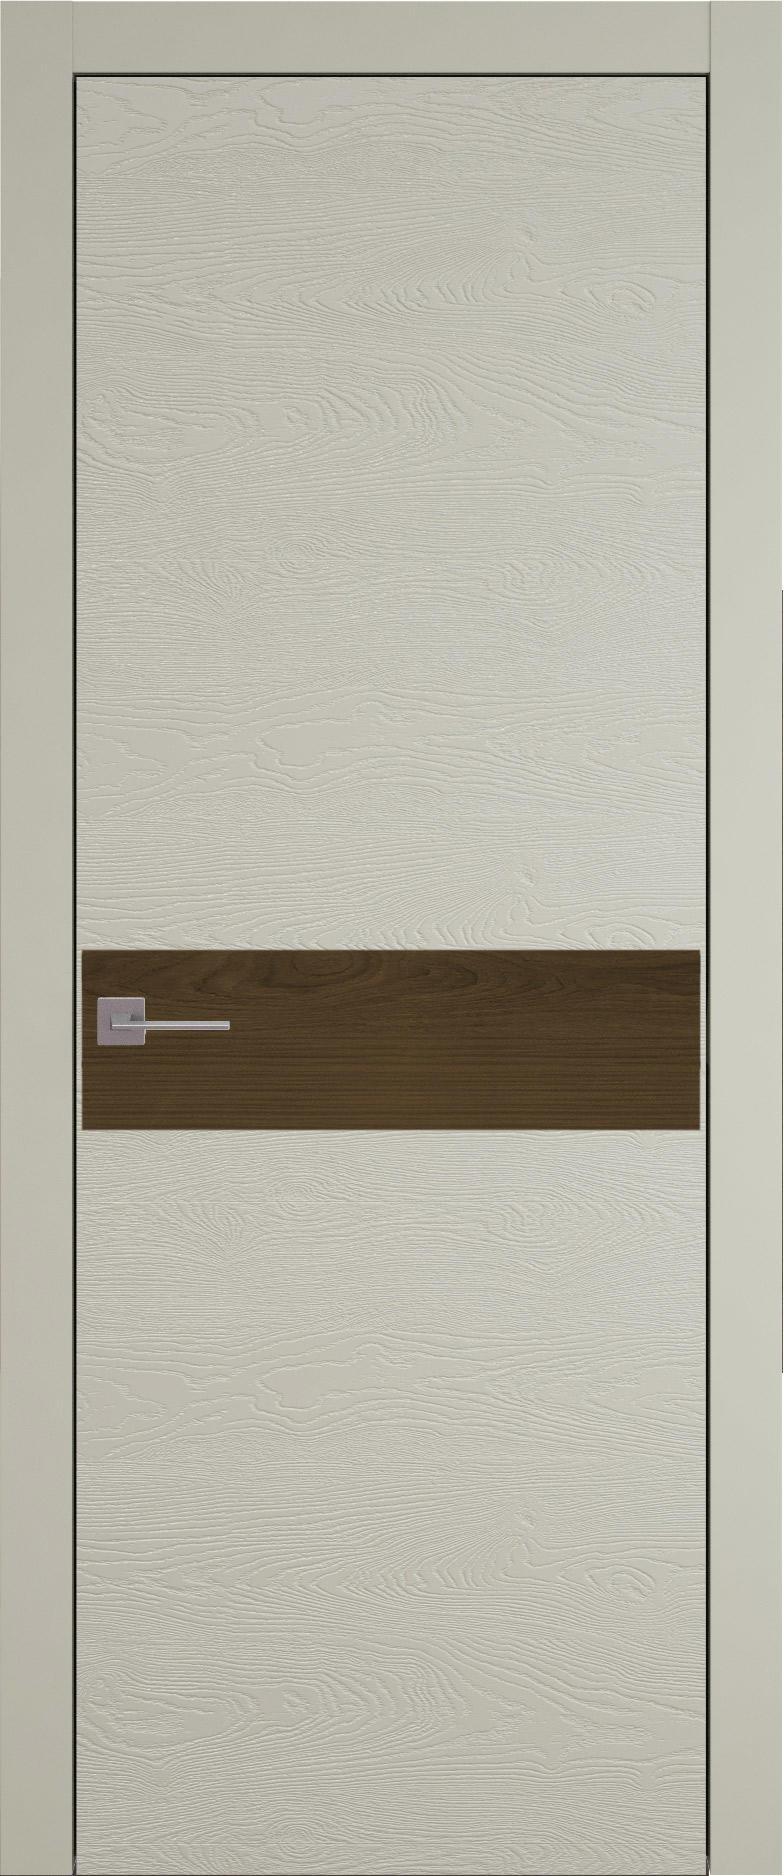 Tivoli И-4 цвет - Серо-оливковая эмаль по шпону (RAL 7032) Без стекла (ДГ)